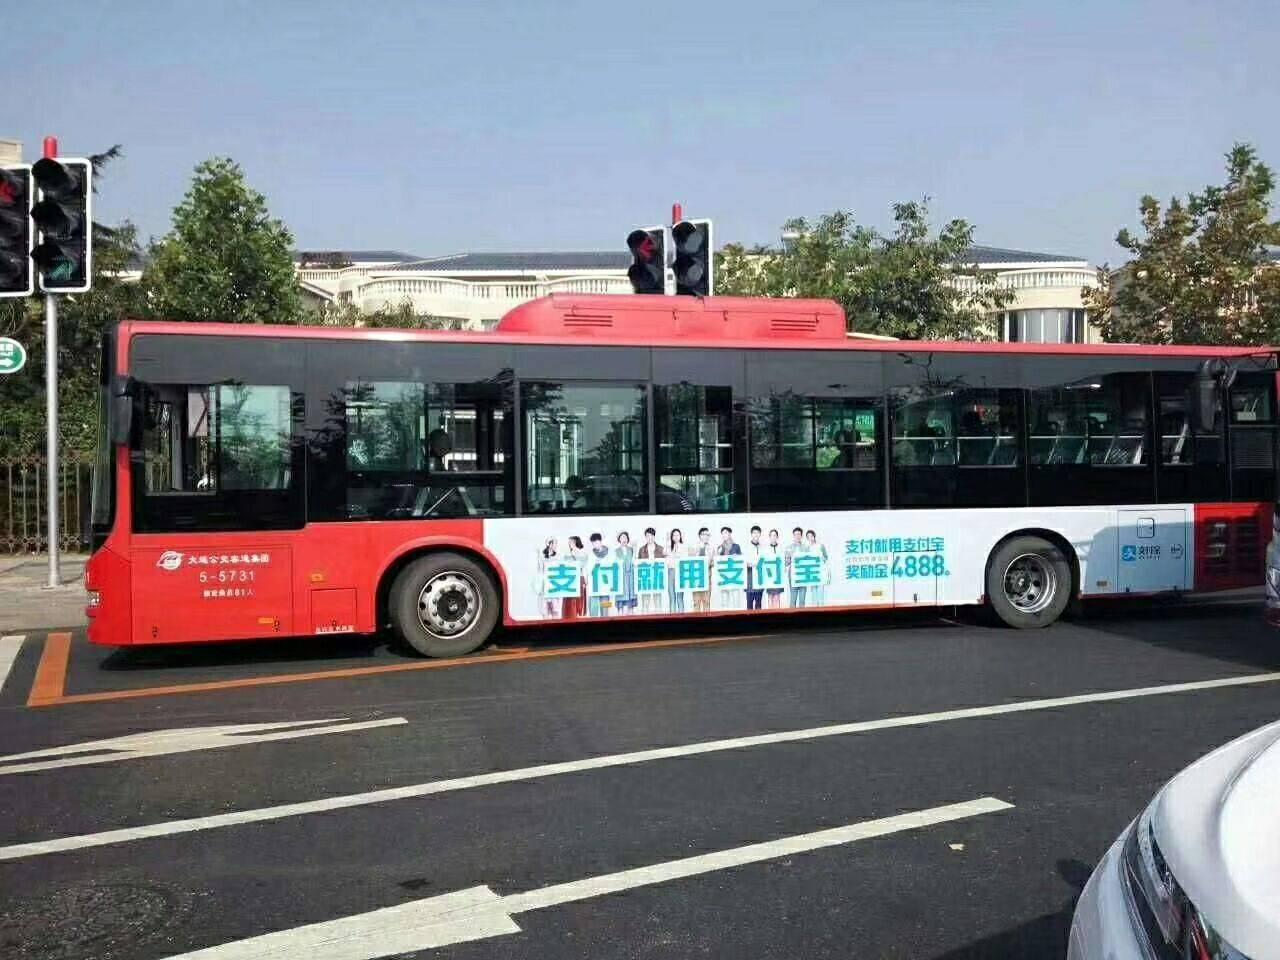 大连公交车体广告 526路/527路/528路、【三个月】